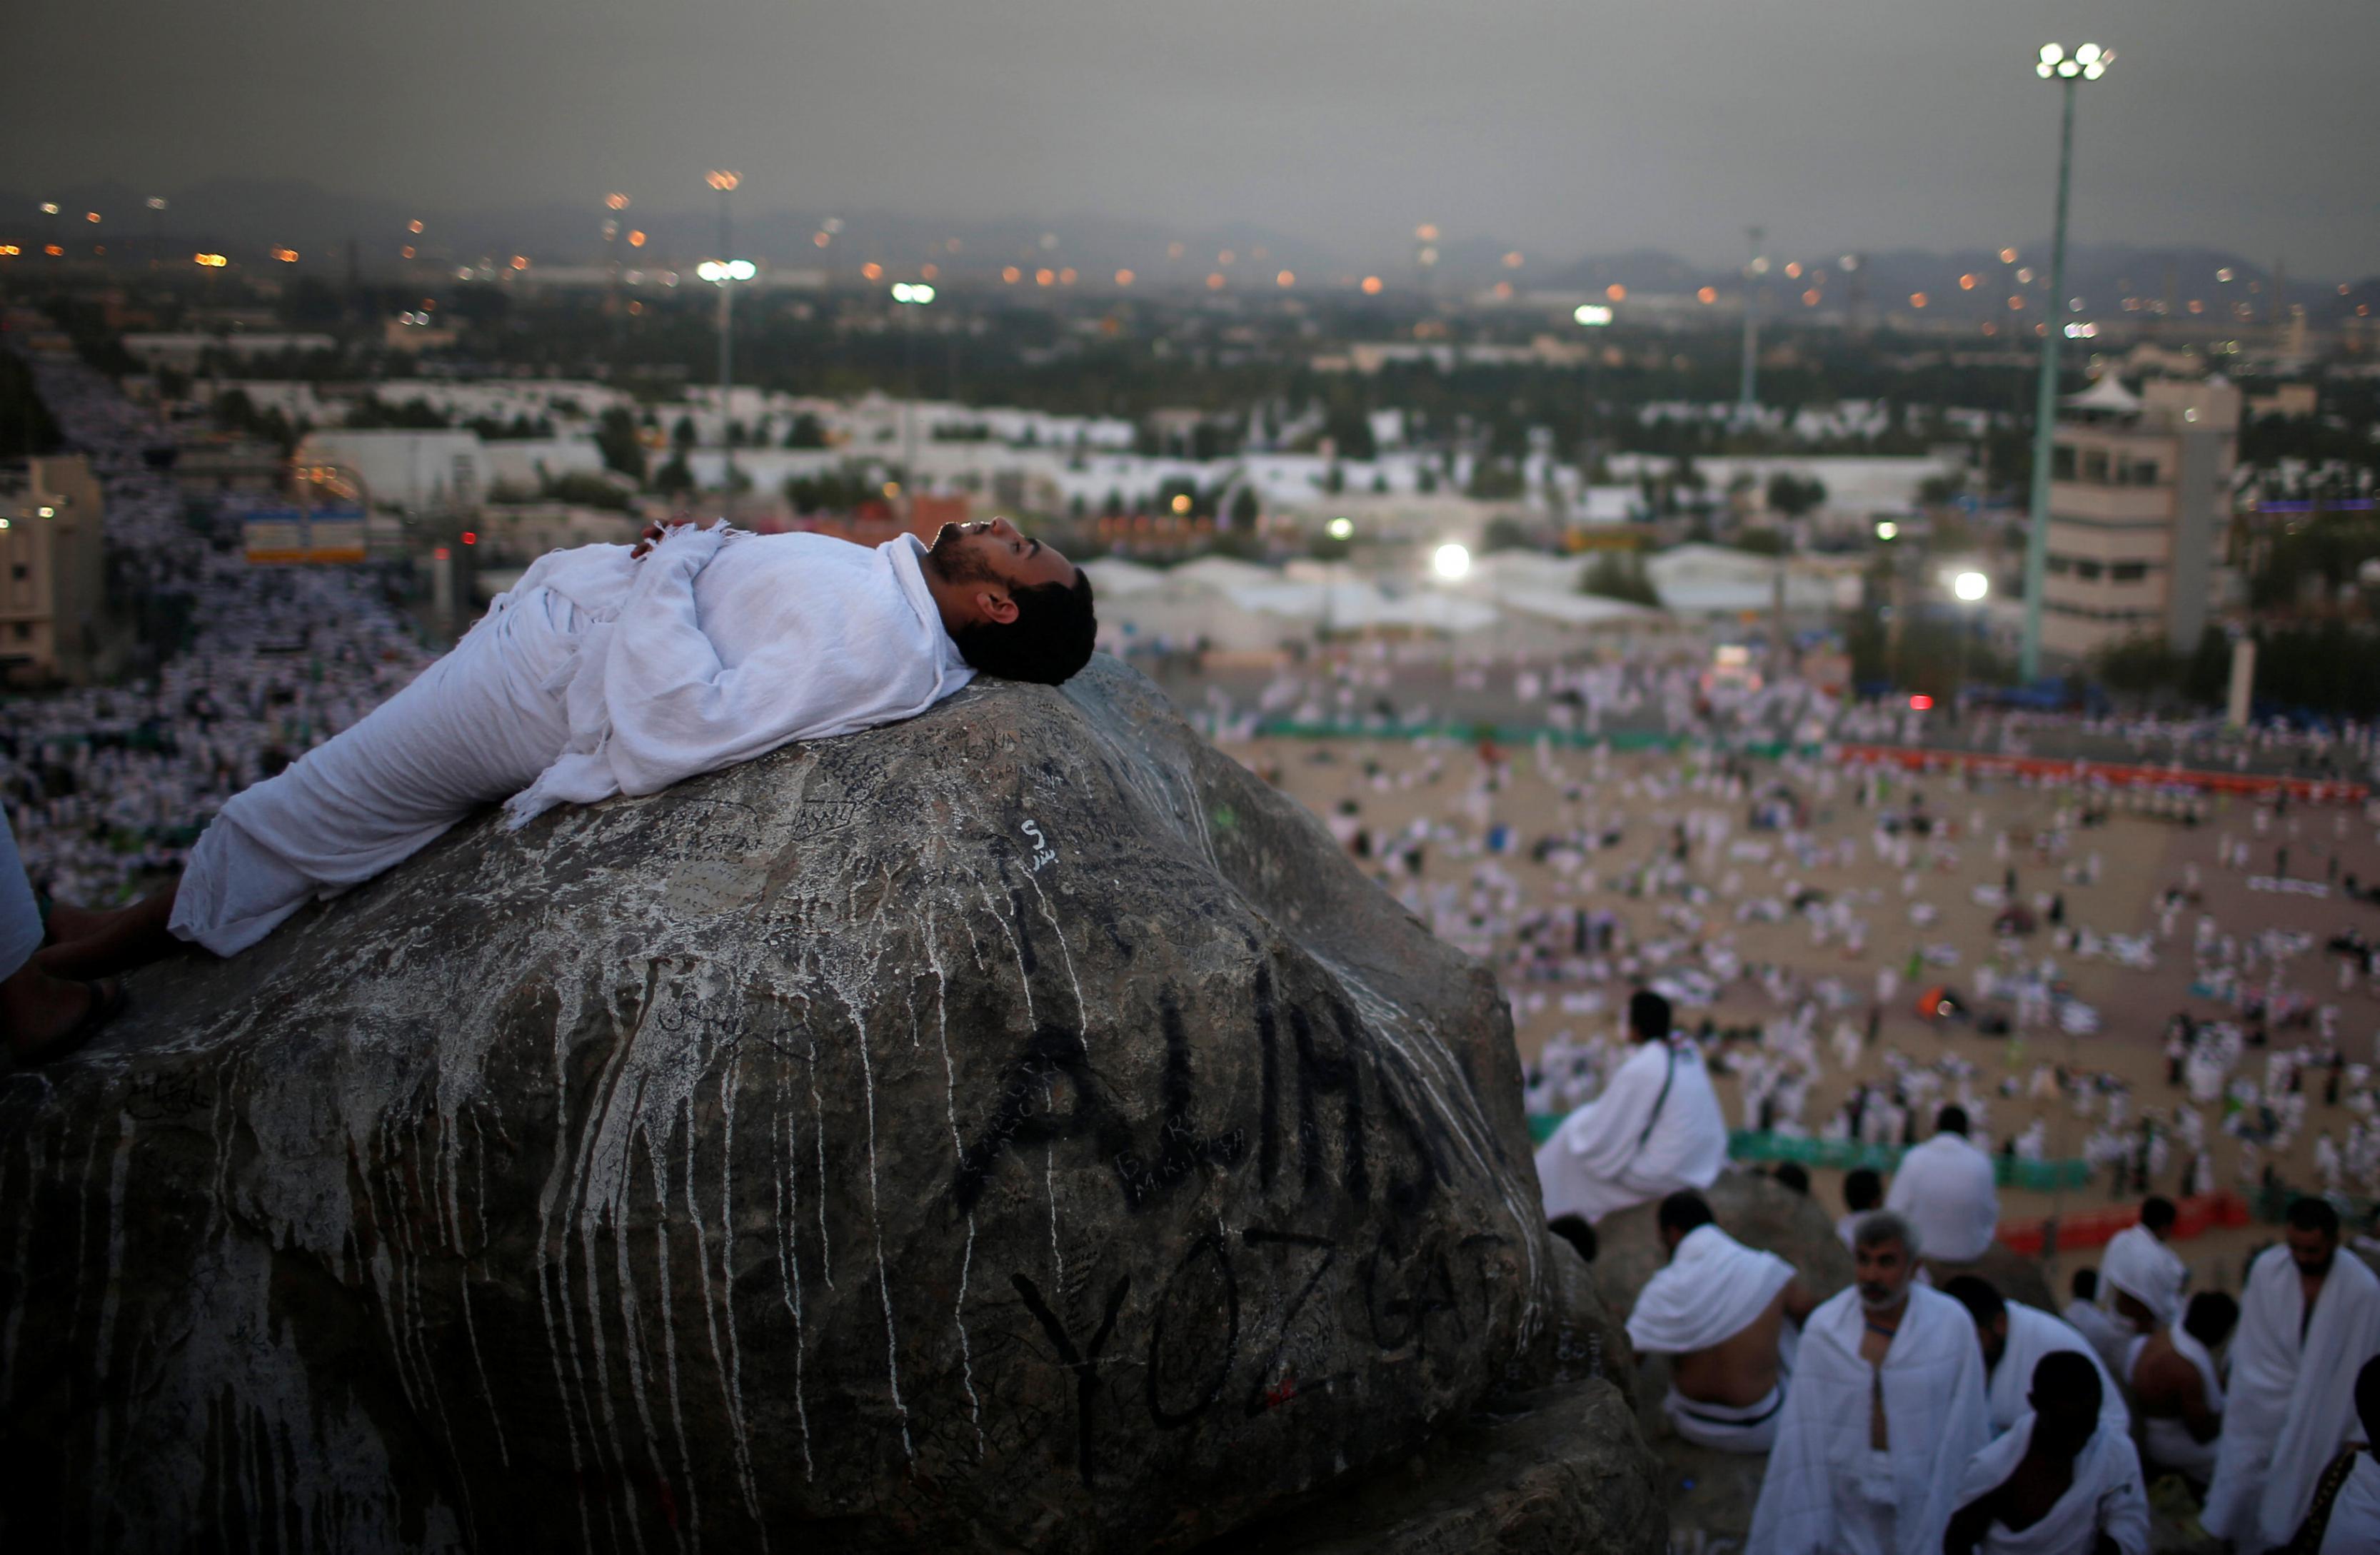 بالصور صور عن يوم عرفه , توضيح بالصور عن يوم عرفه 3475 7